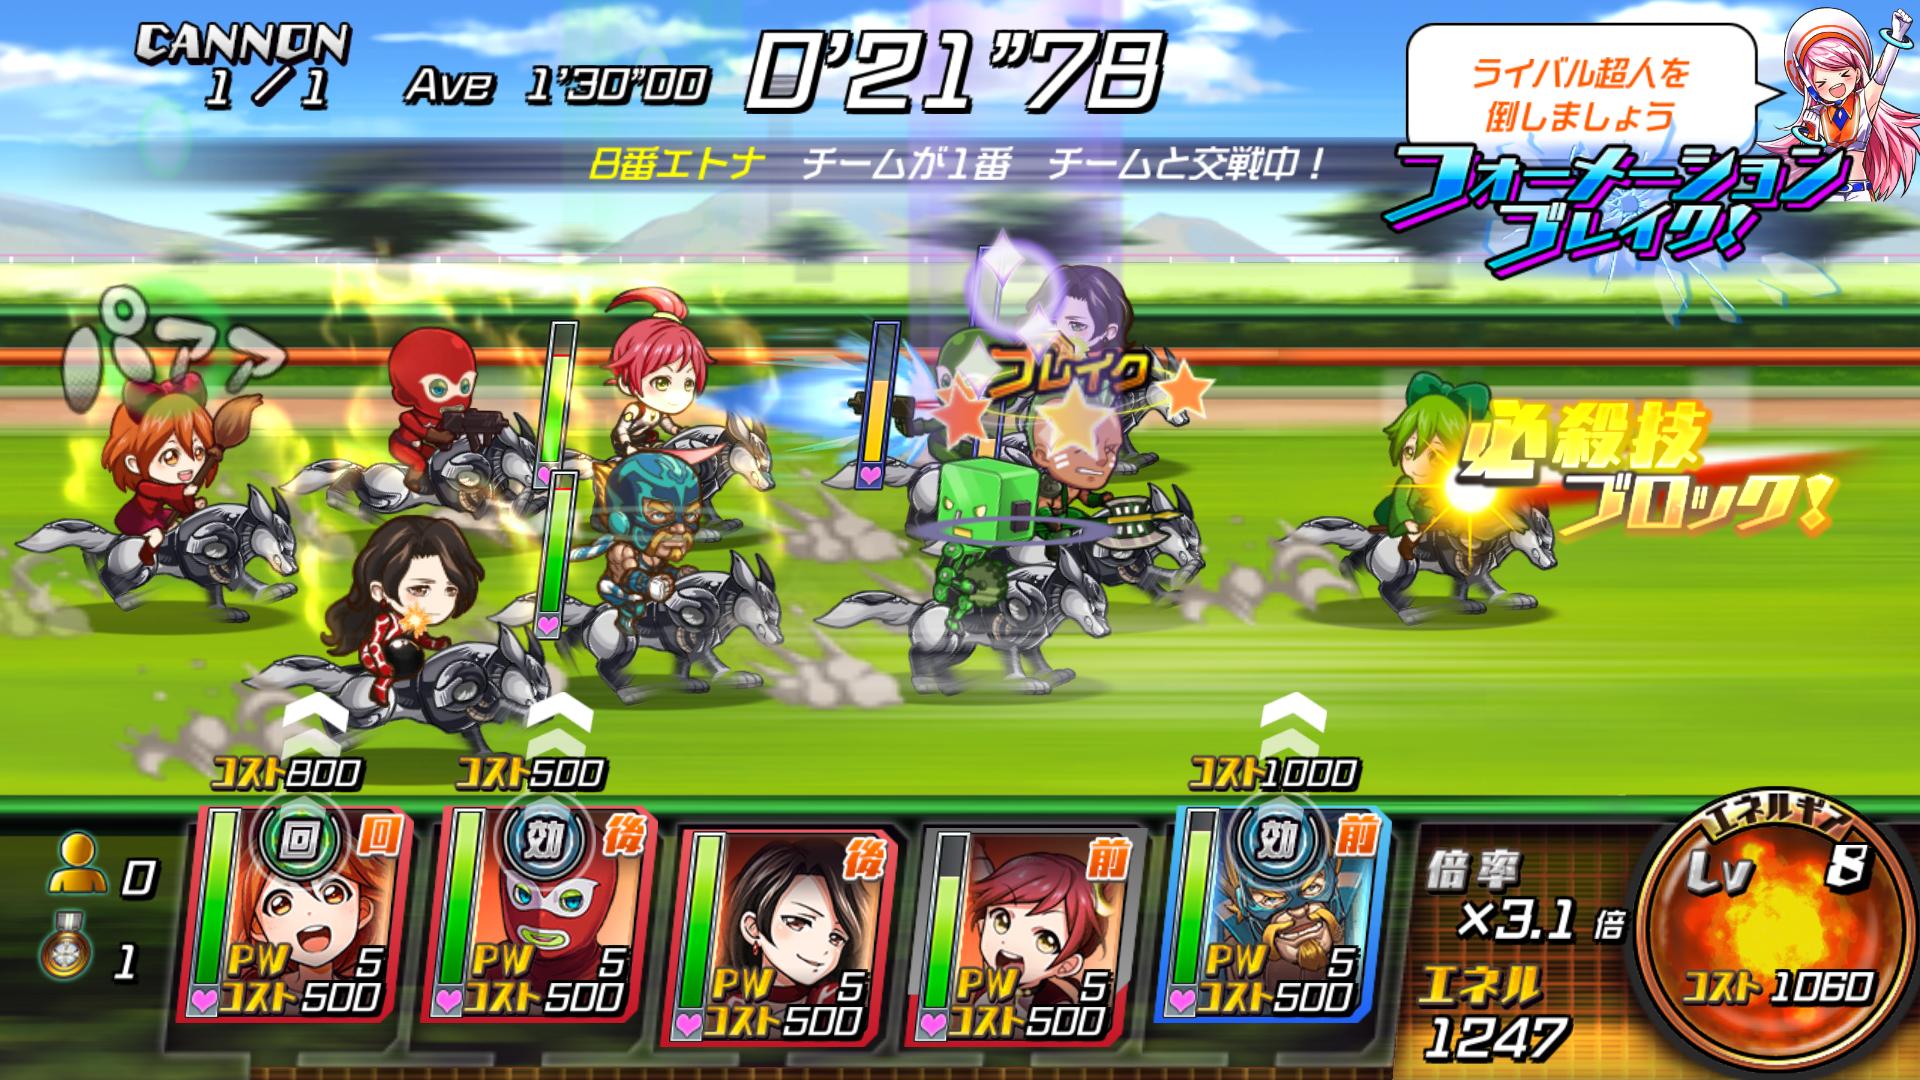 ランガン キャノンボール(ランキャン) androidアプリスクリーンショット1